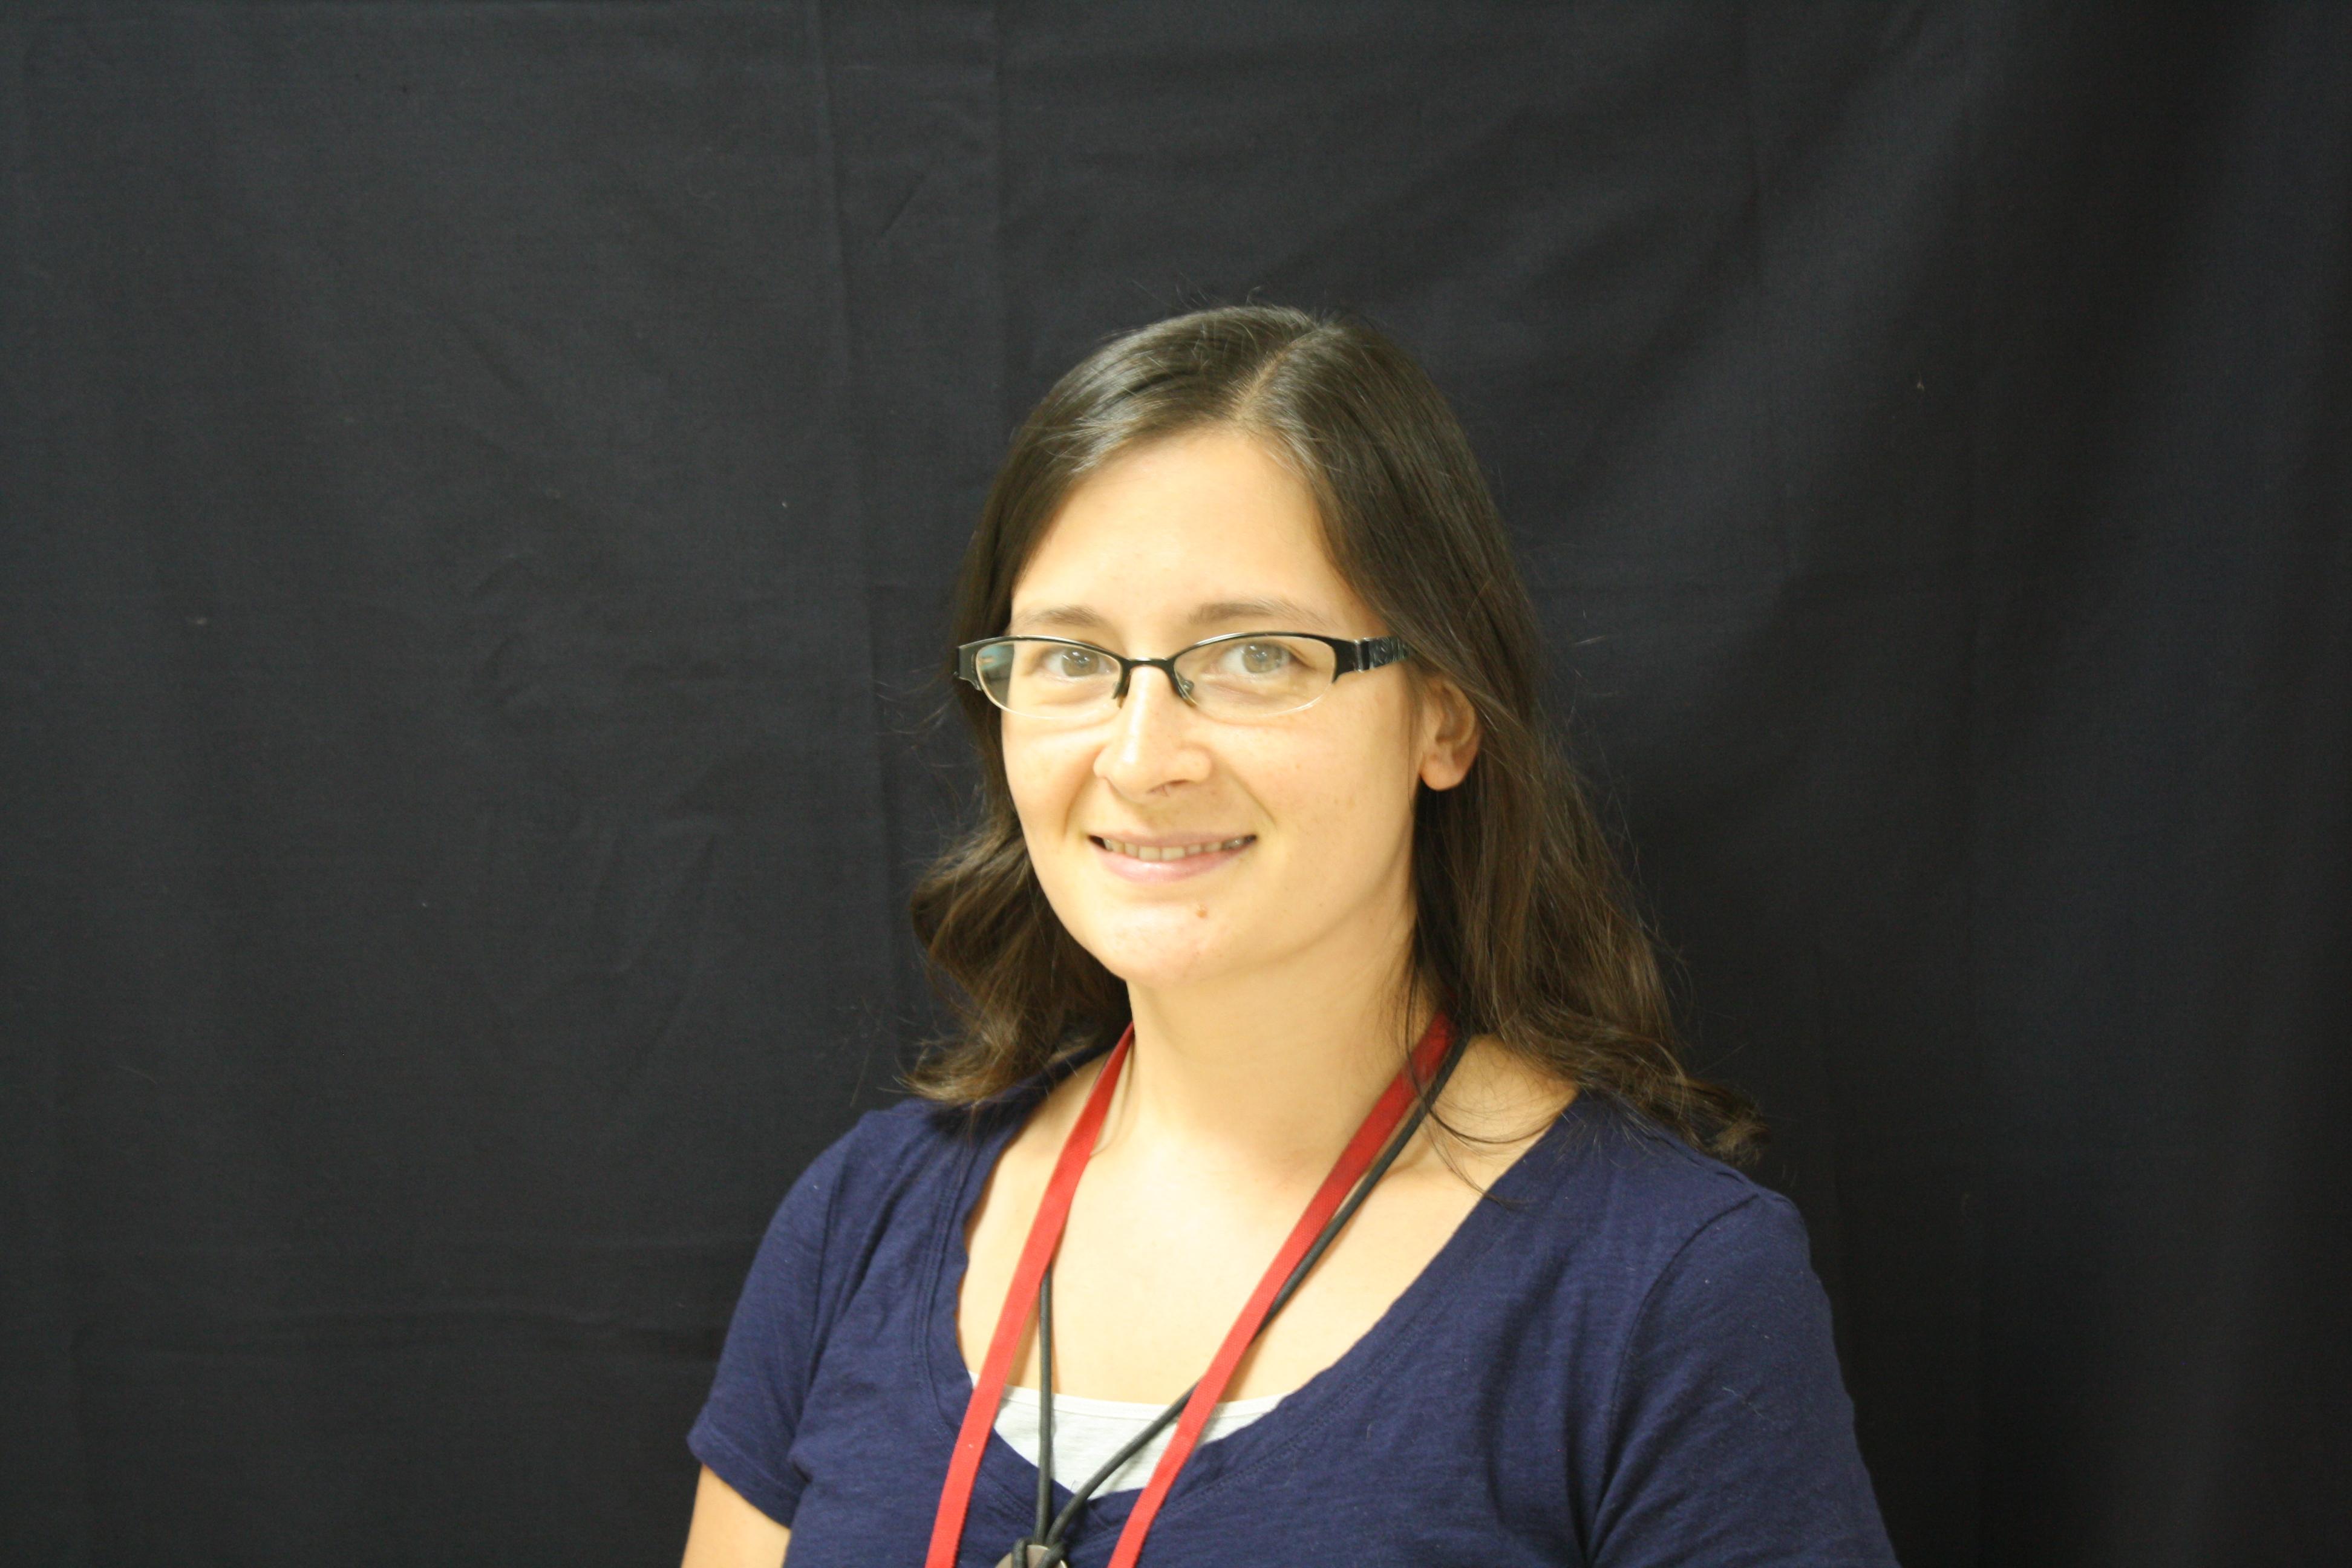 Katie Korn : High School Science Teacher